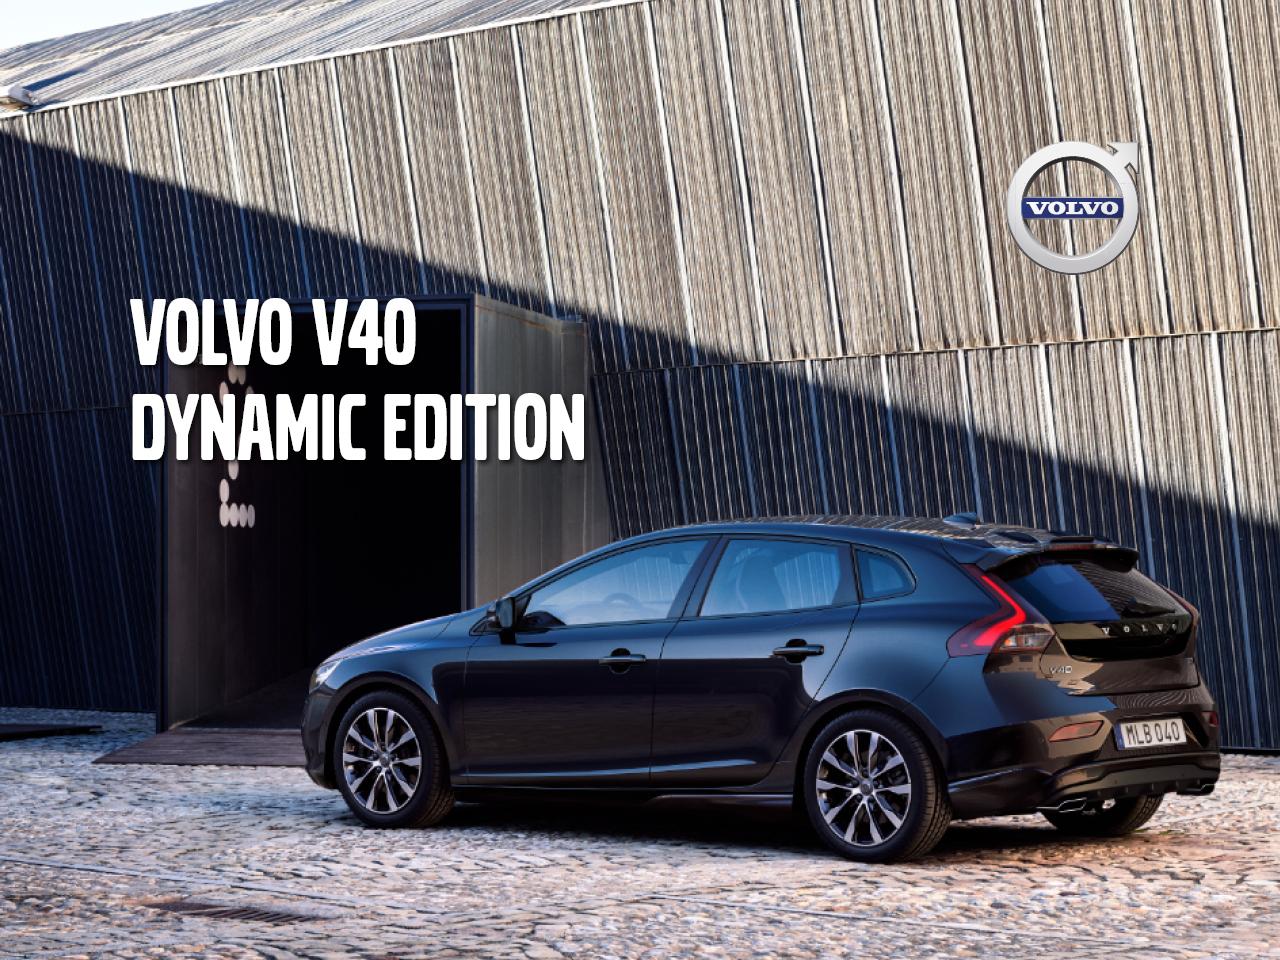 Volvo V40 Dynamic Edition